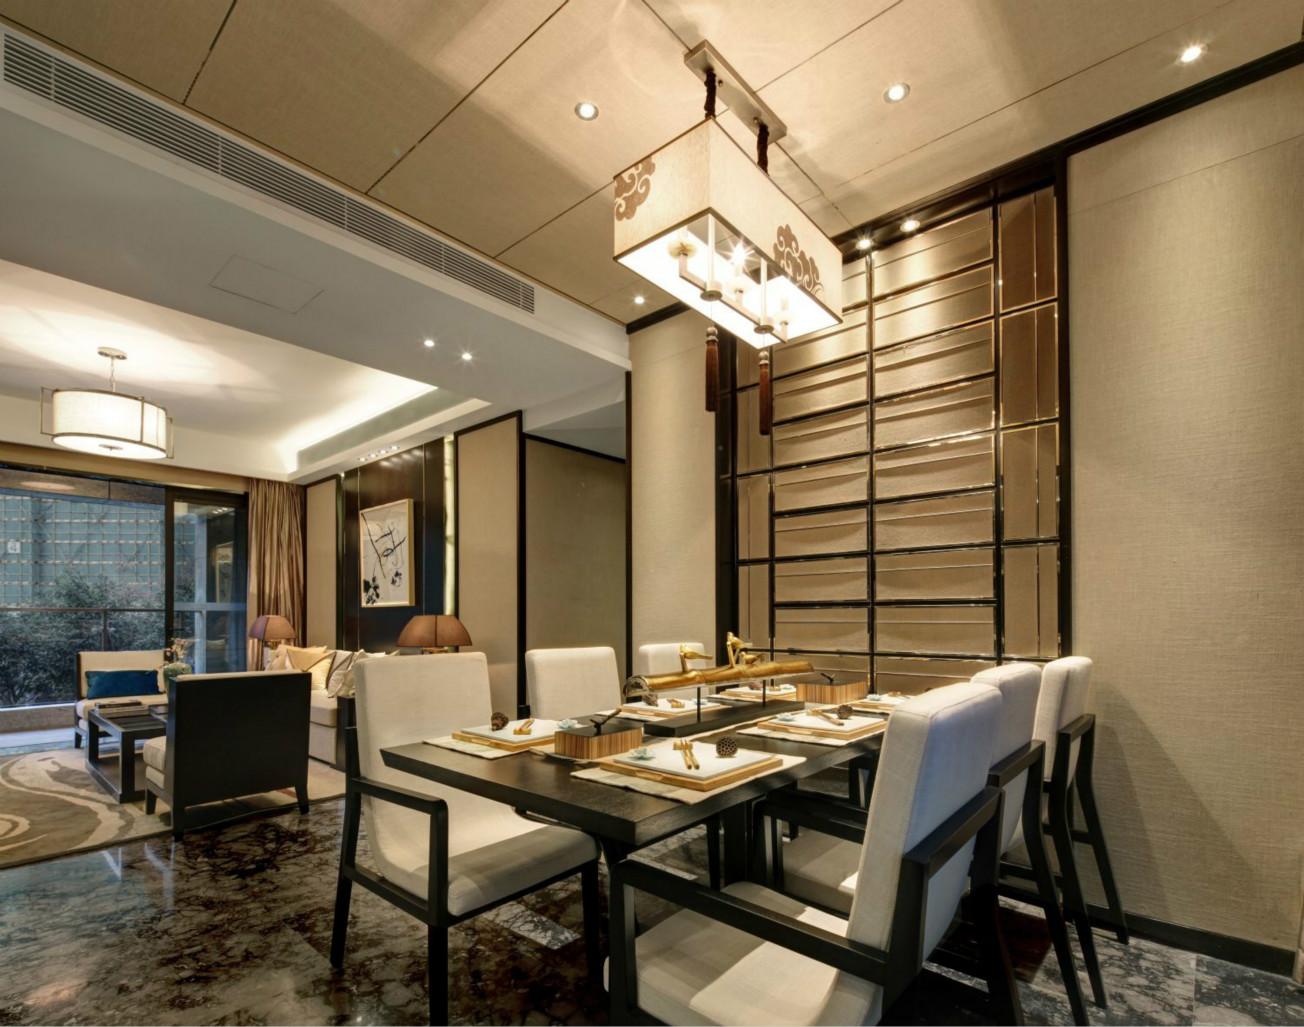 餐厅布置很温馨,经典的地砖朴实无华。